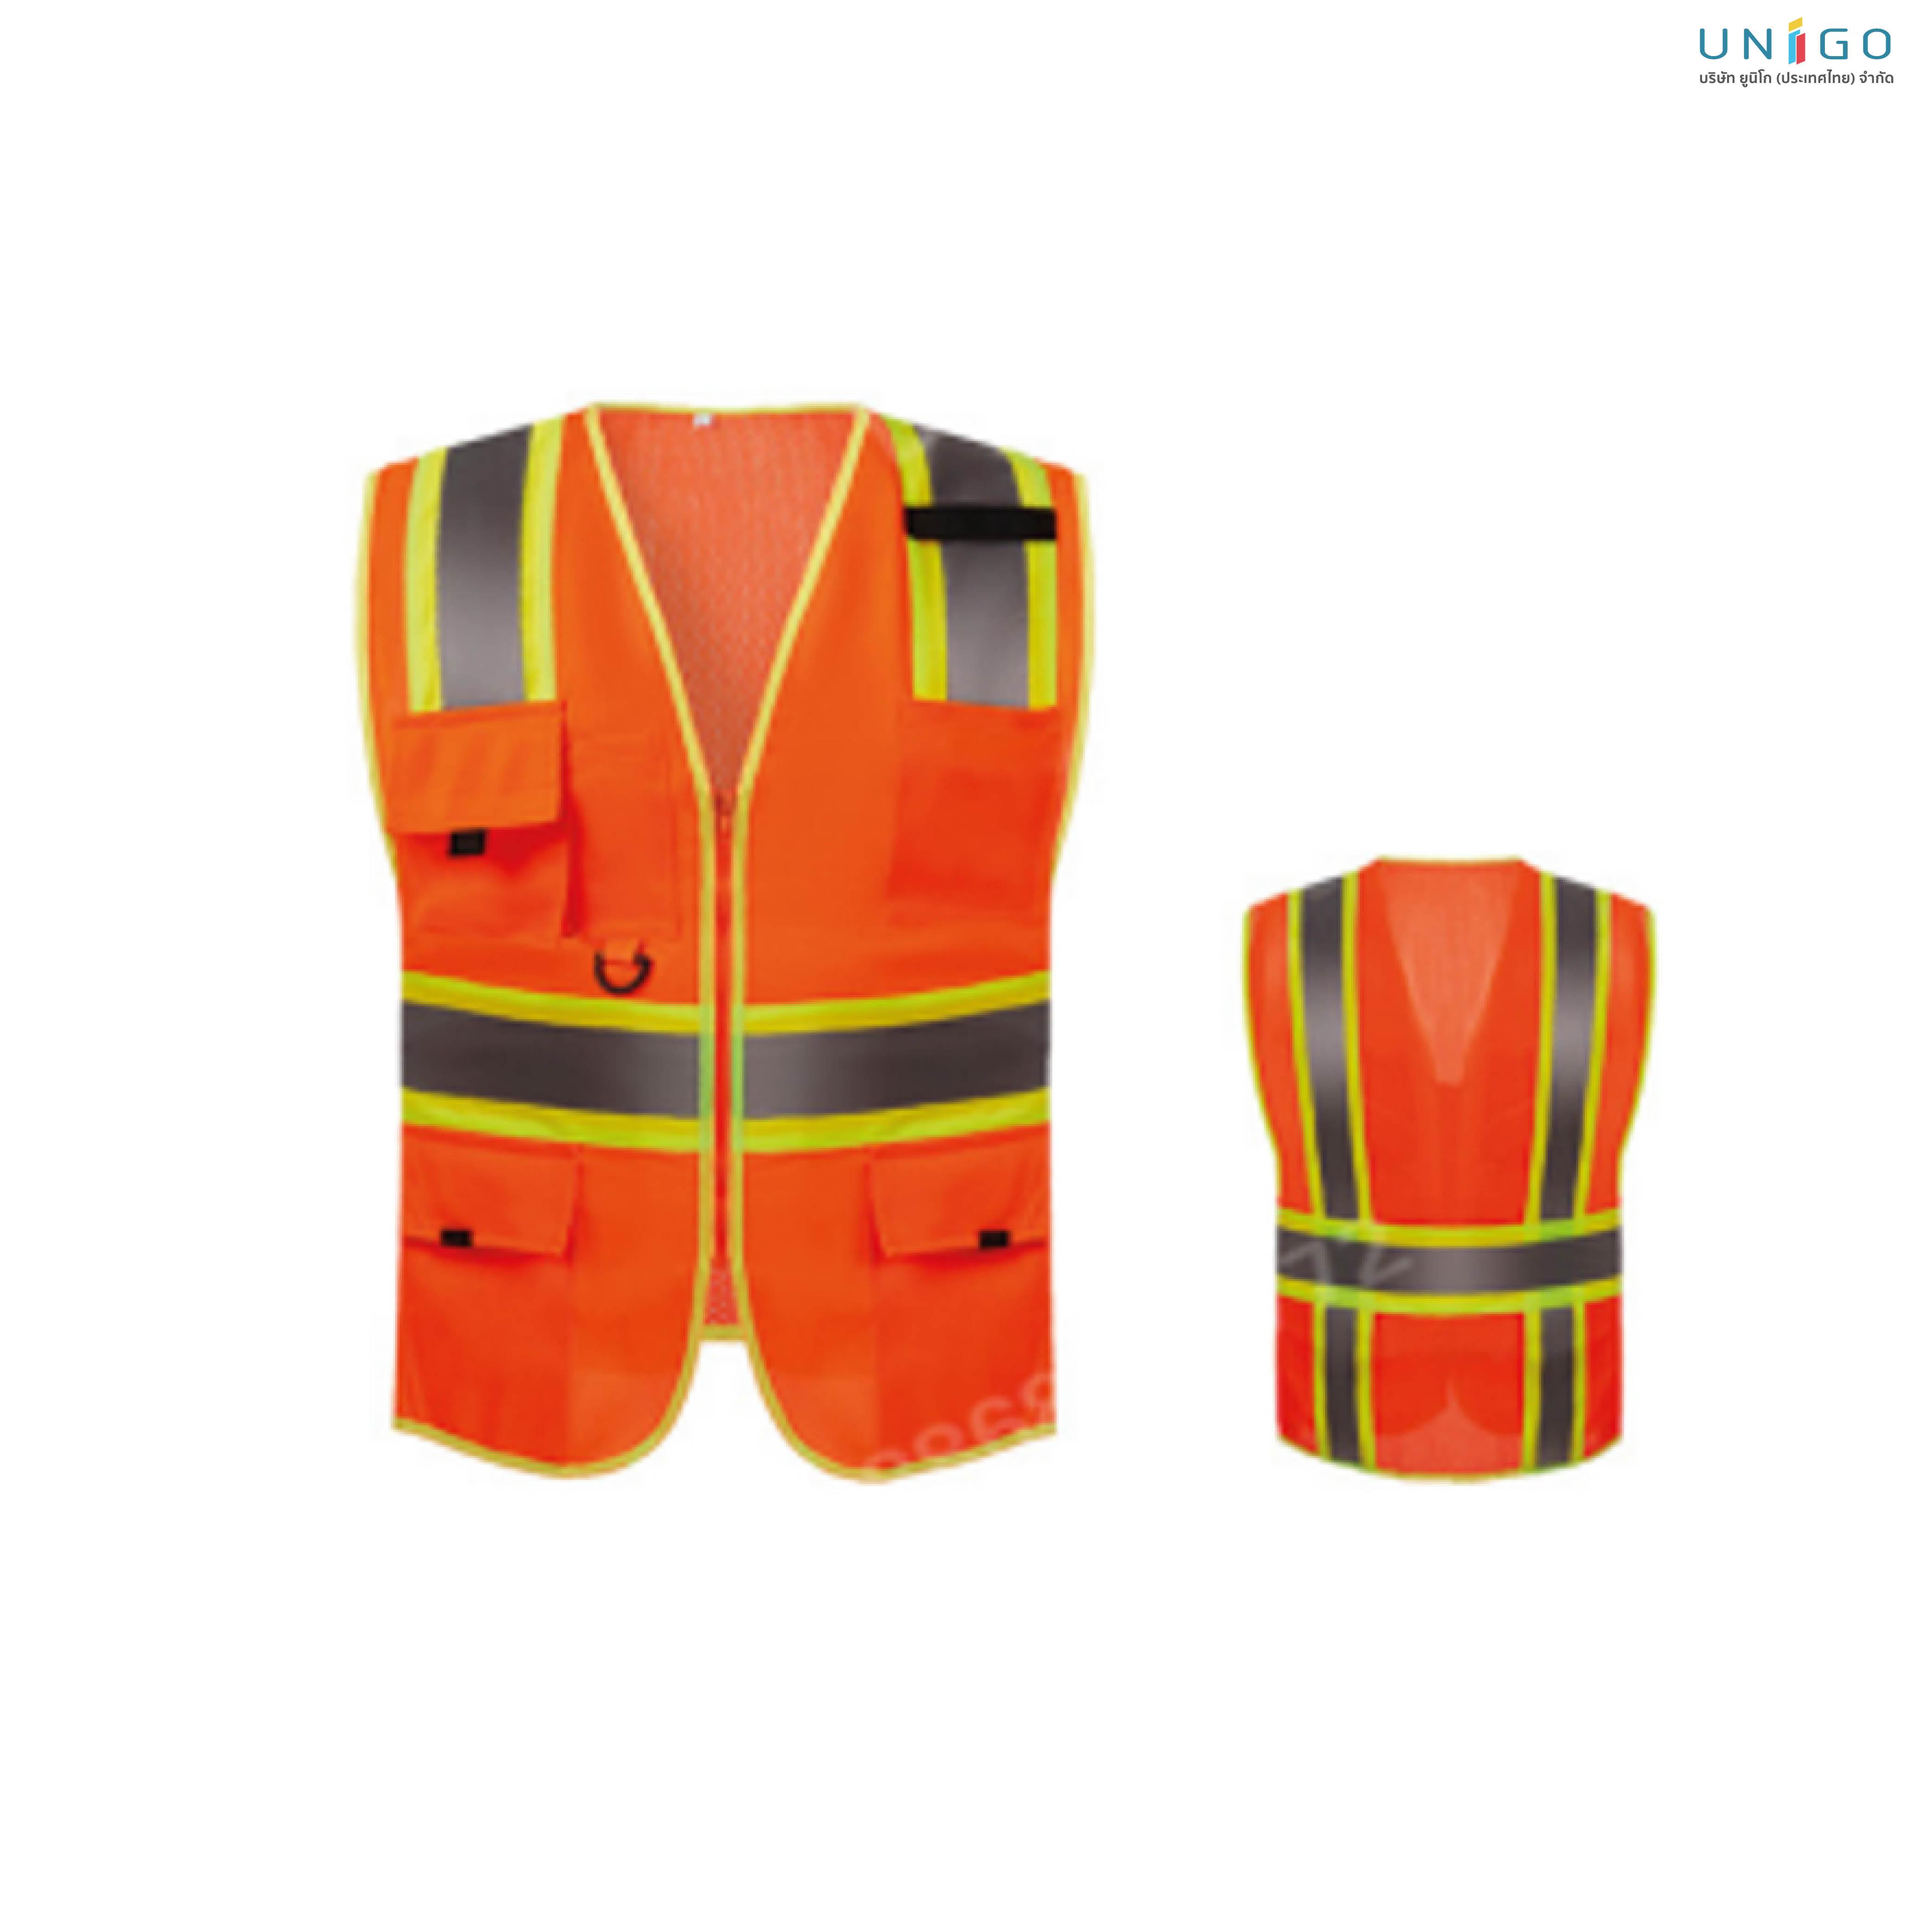 Highlight reflective vest